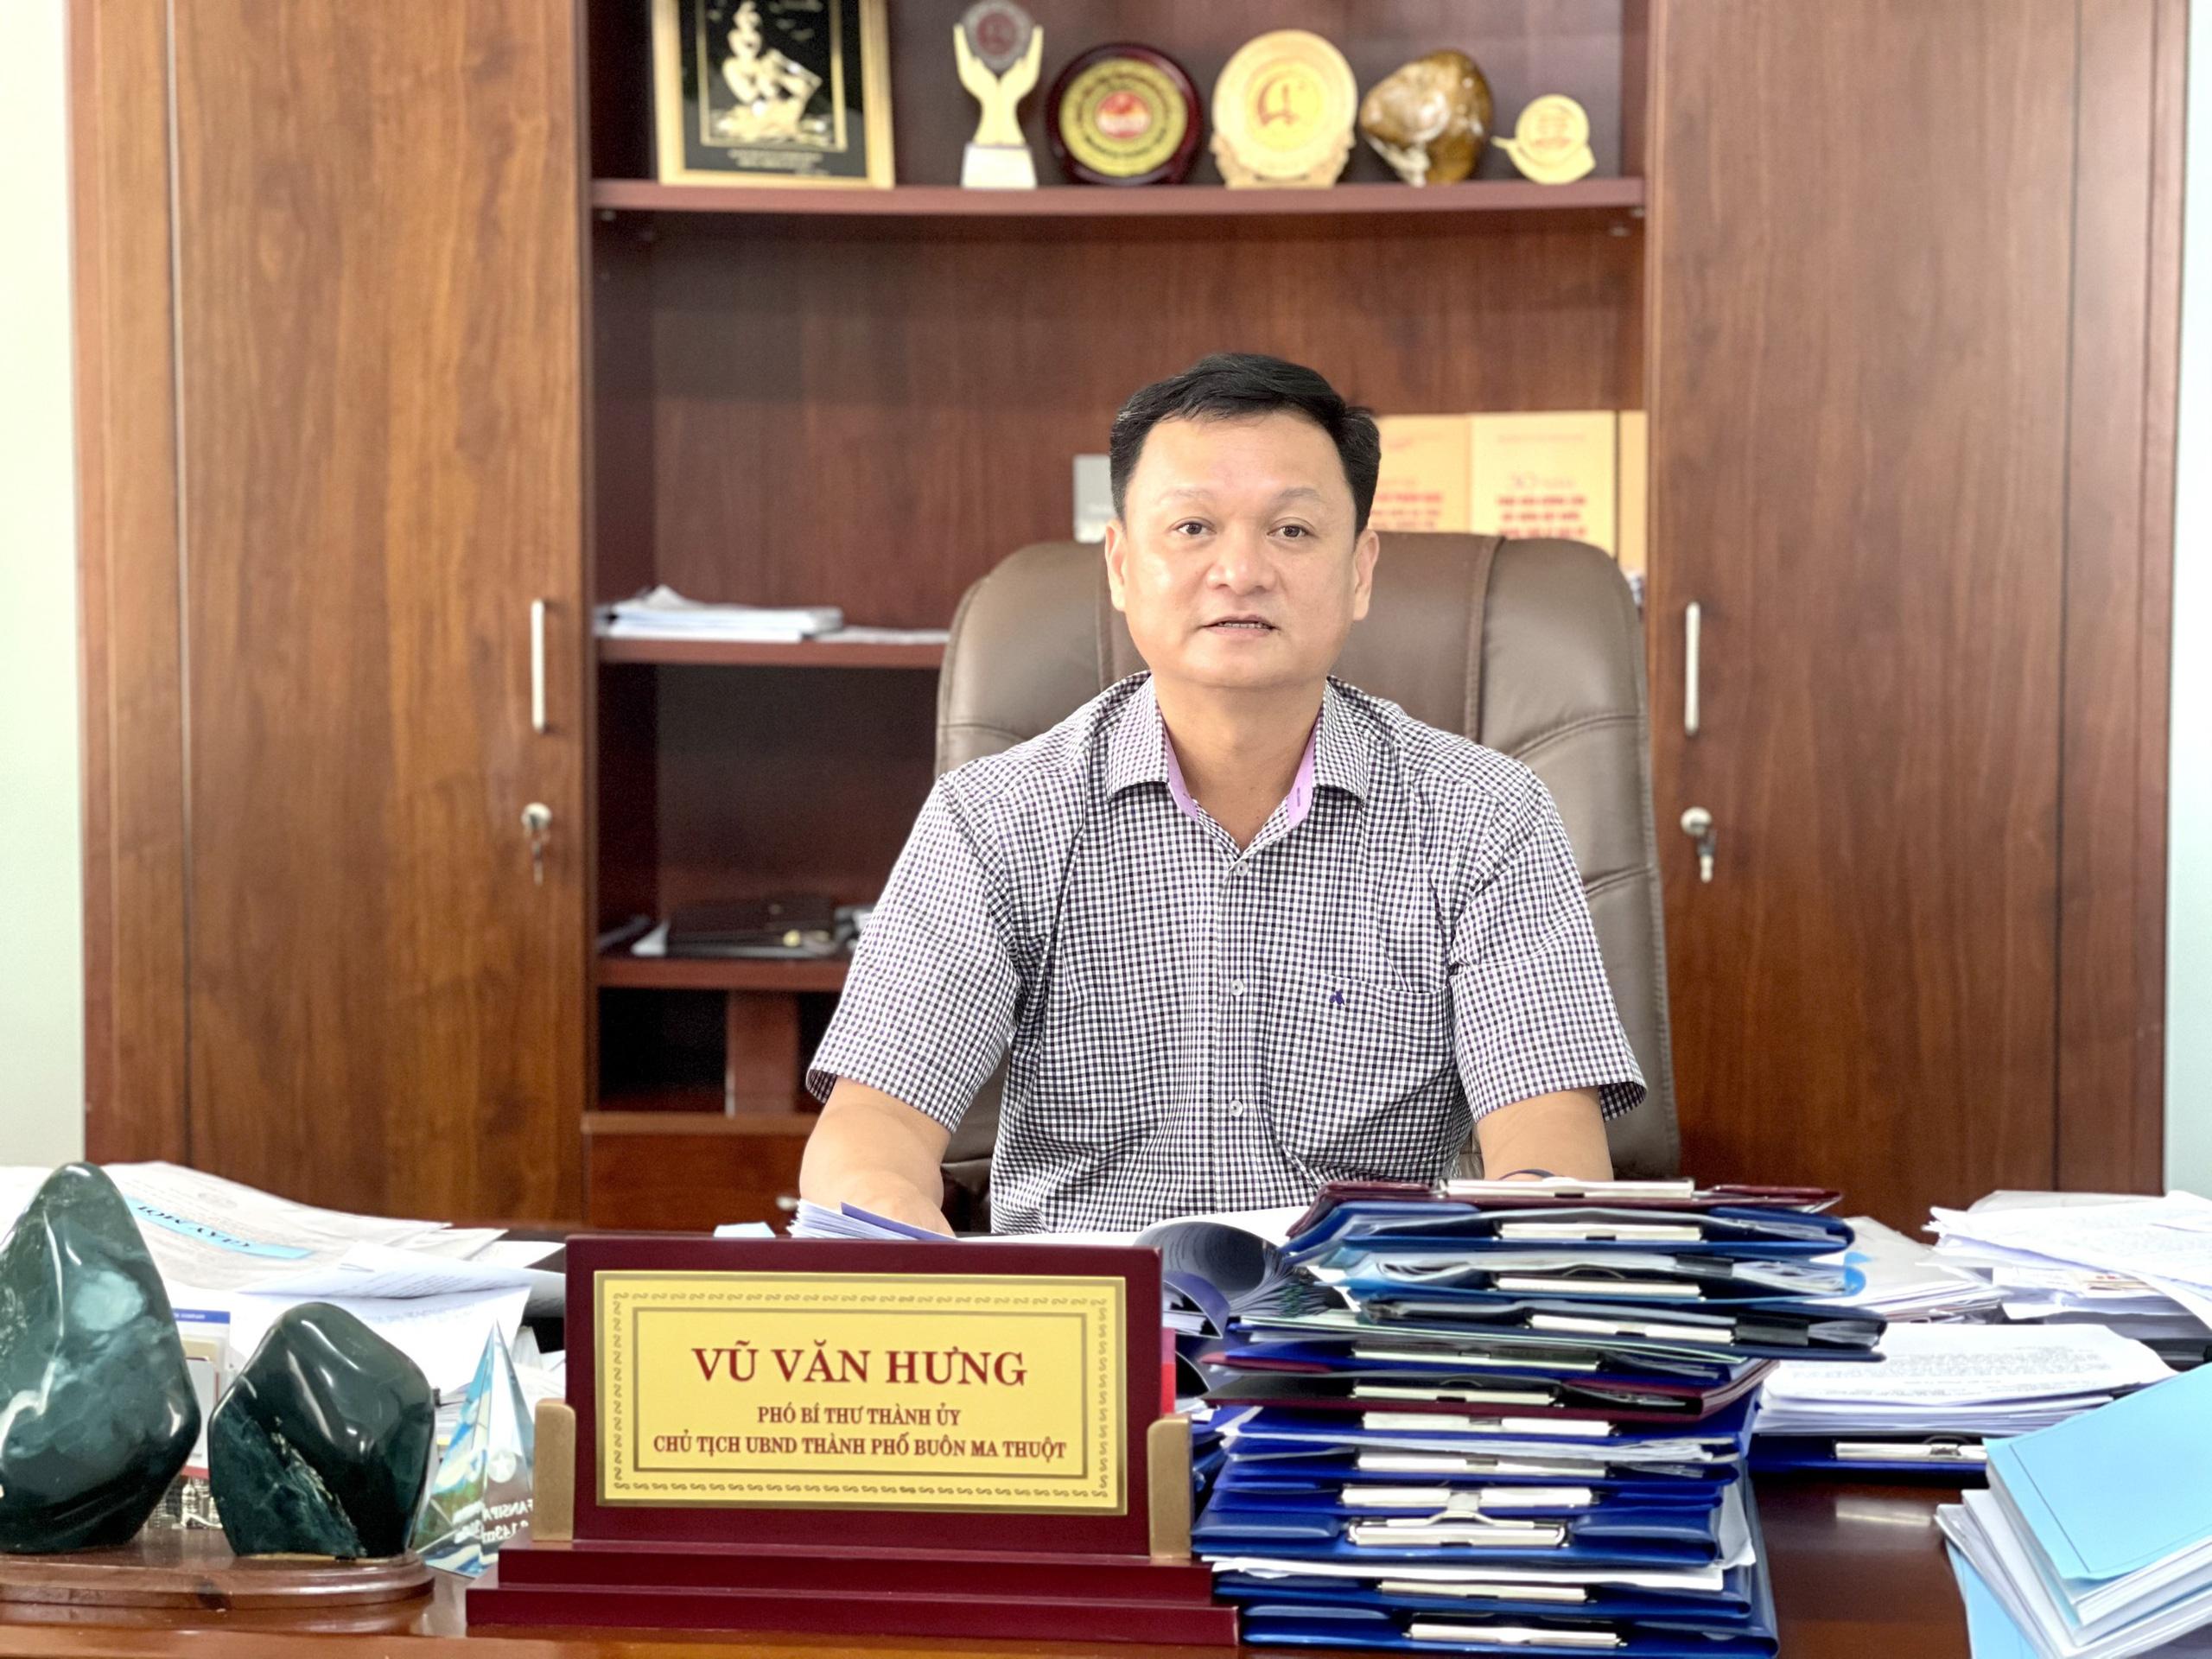 Đắk Lắk: Công tác chuẩn bị bầu cử ở thành phố lớn nhất Tây Nguyên  - Ảnh 1.